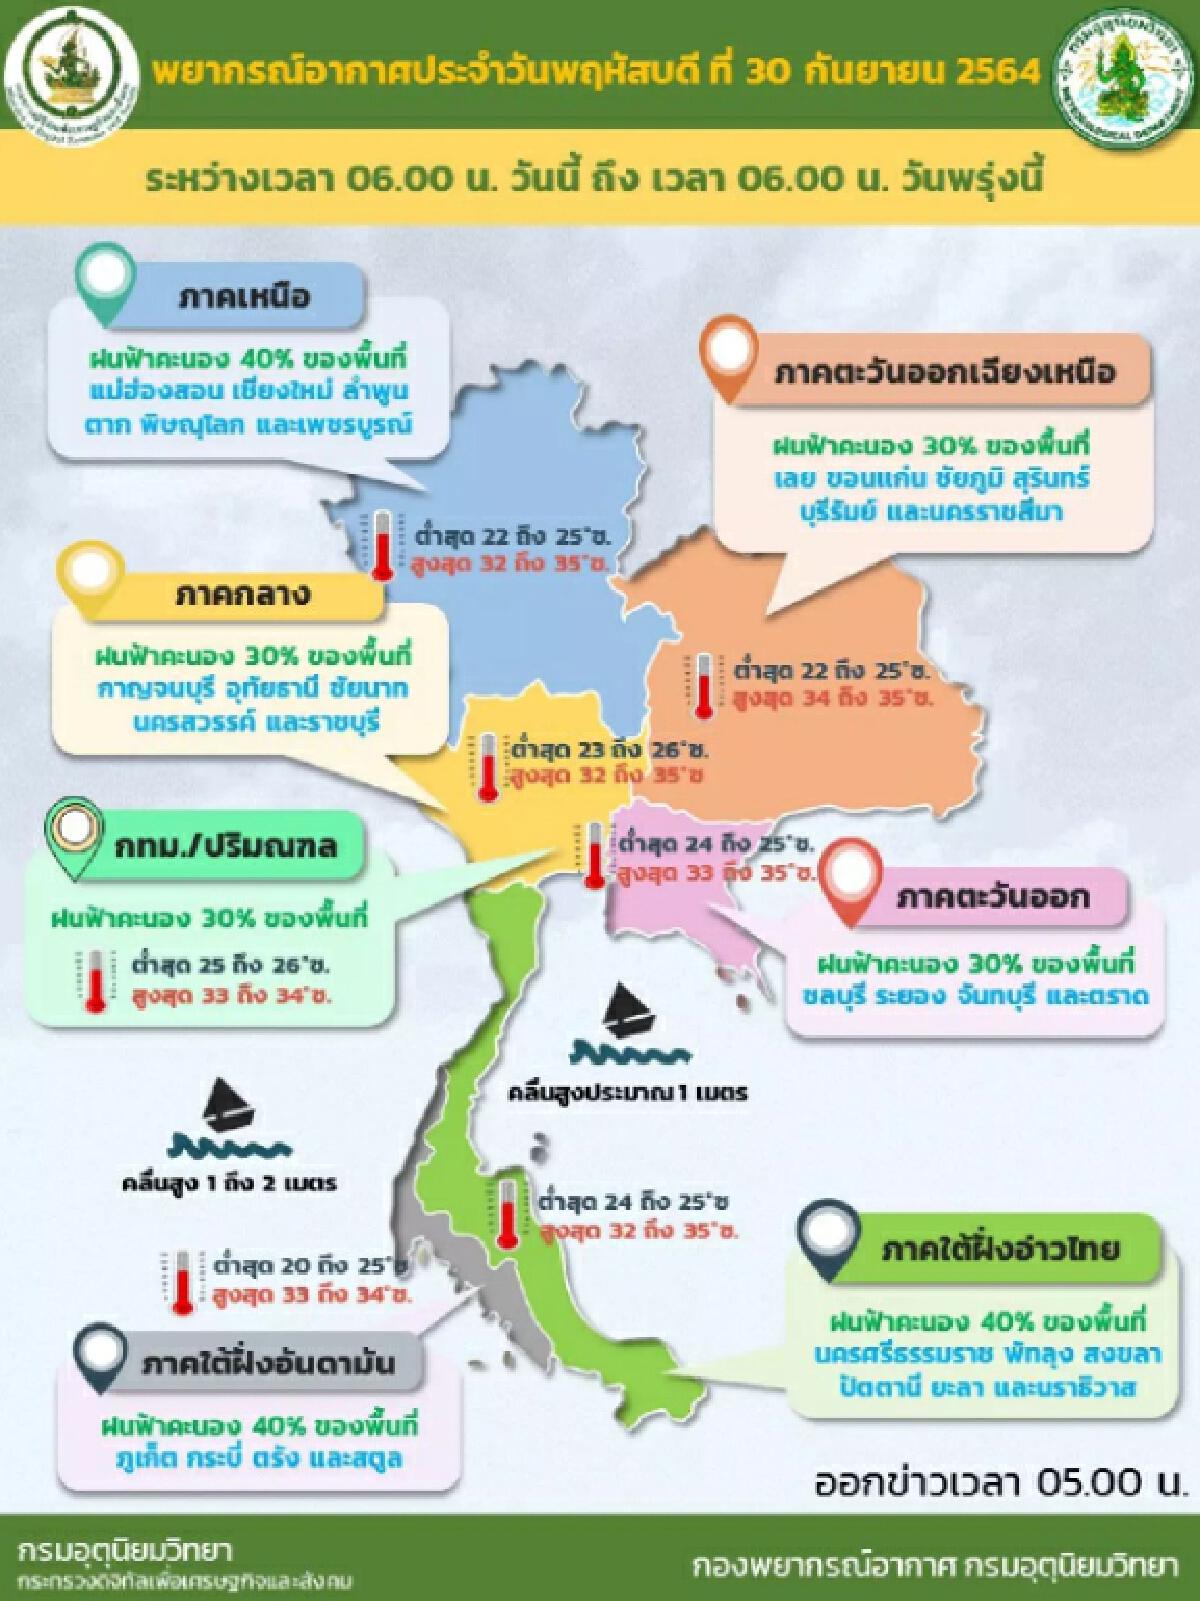 กรมอุตุฯ พยากรณ์อากาศวันนี้ เผยทั่วไทยมีฝนลดลง ภาตใต้ตอนล่างอ่วมเจอฝนหนัก